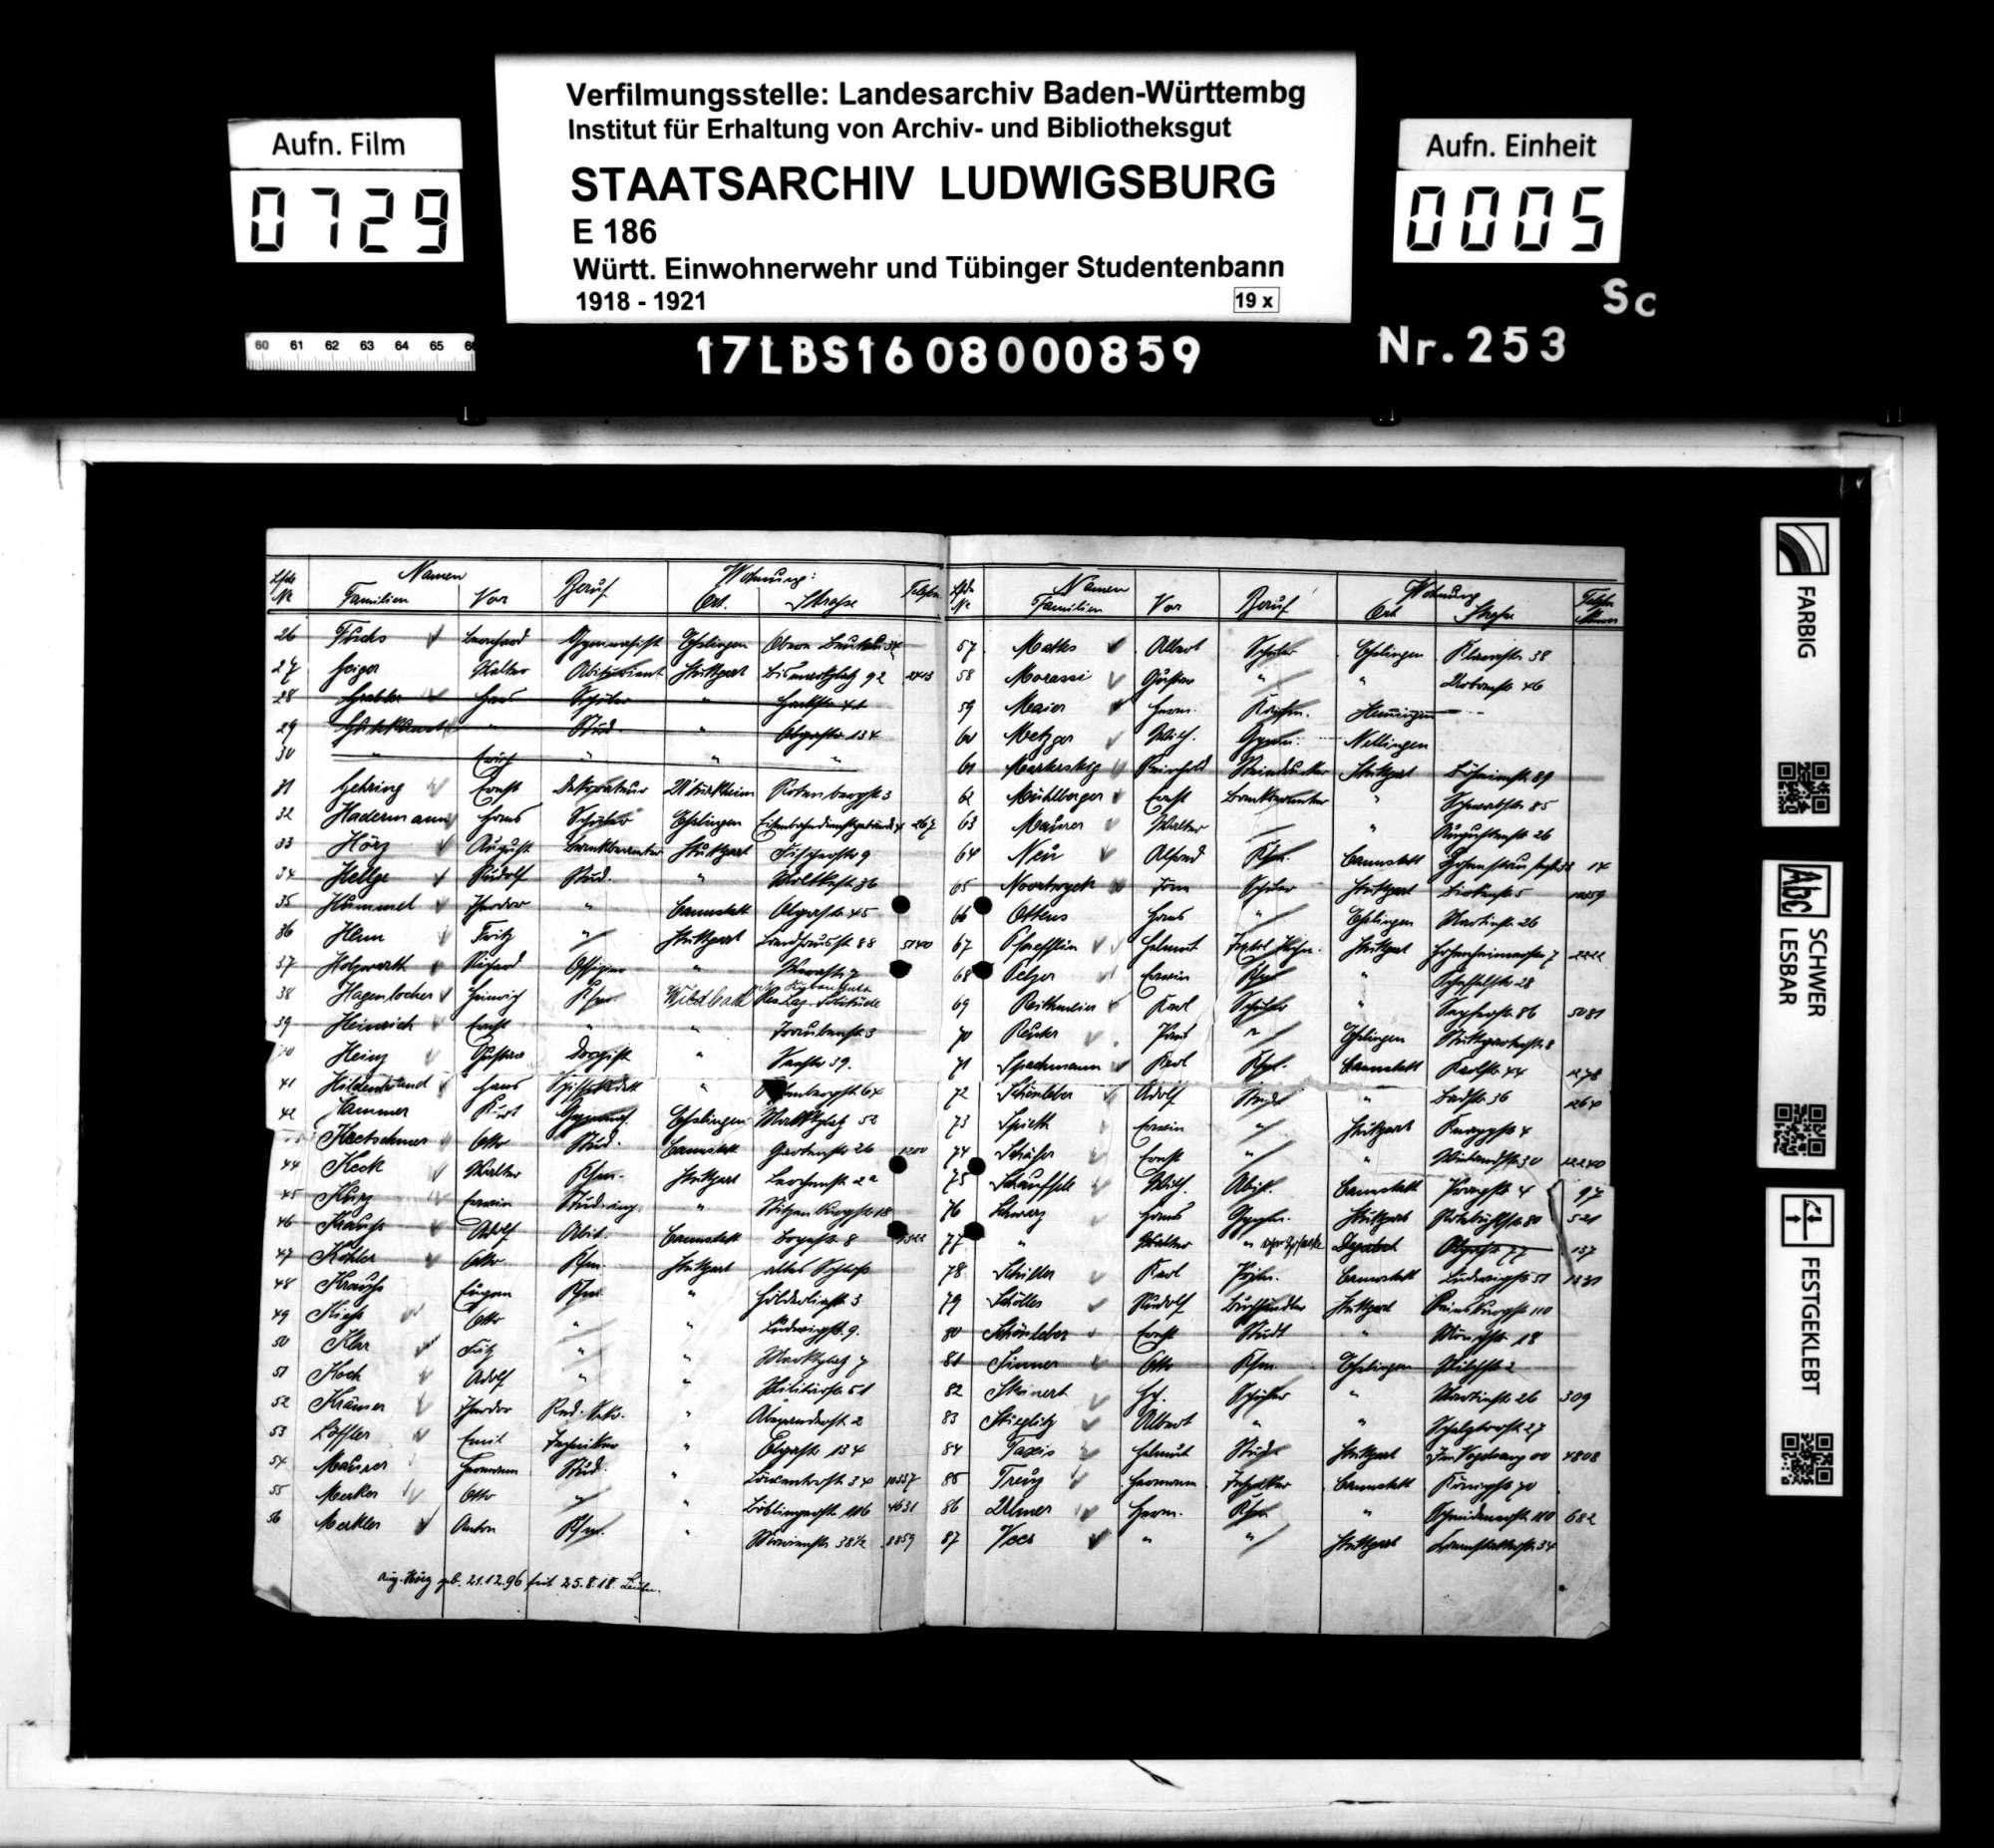 Bann 2/Schar Jetter/Hörz: Namenslisten und Schriftverkehr, Reserve-Sicherheits-Kompanie Jetter (Degerloch), Bild 3